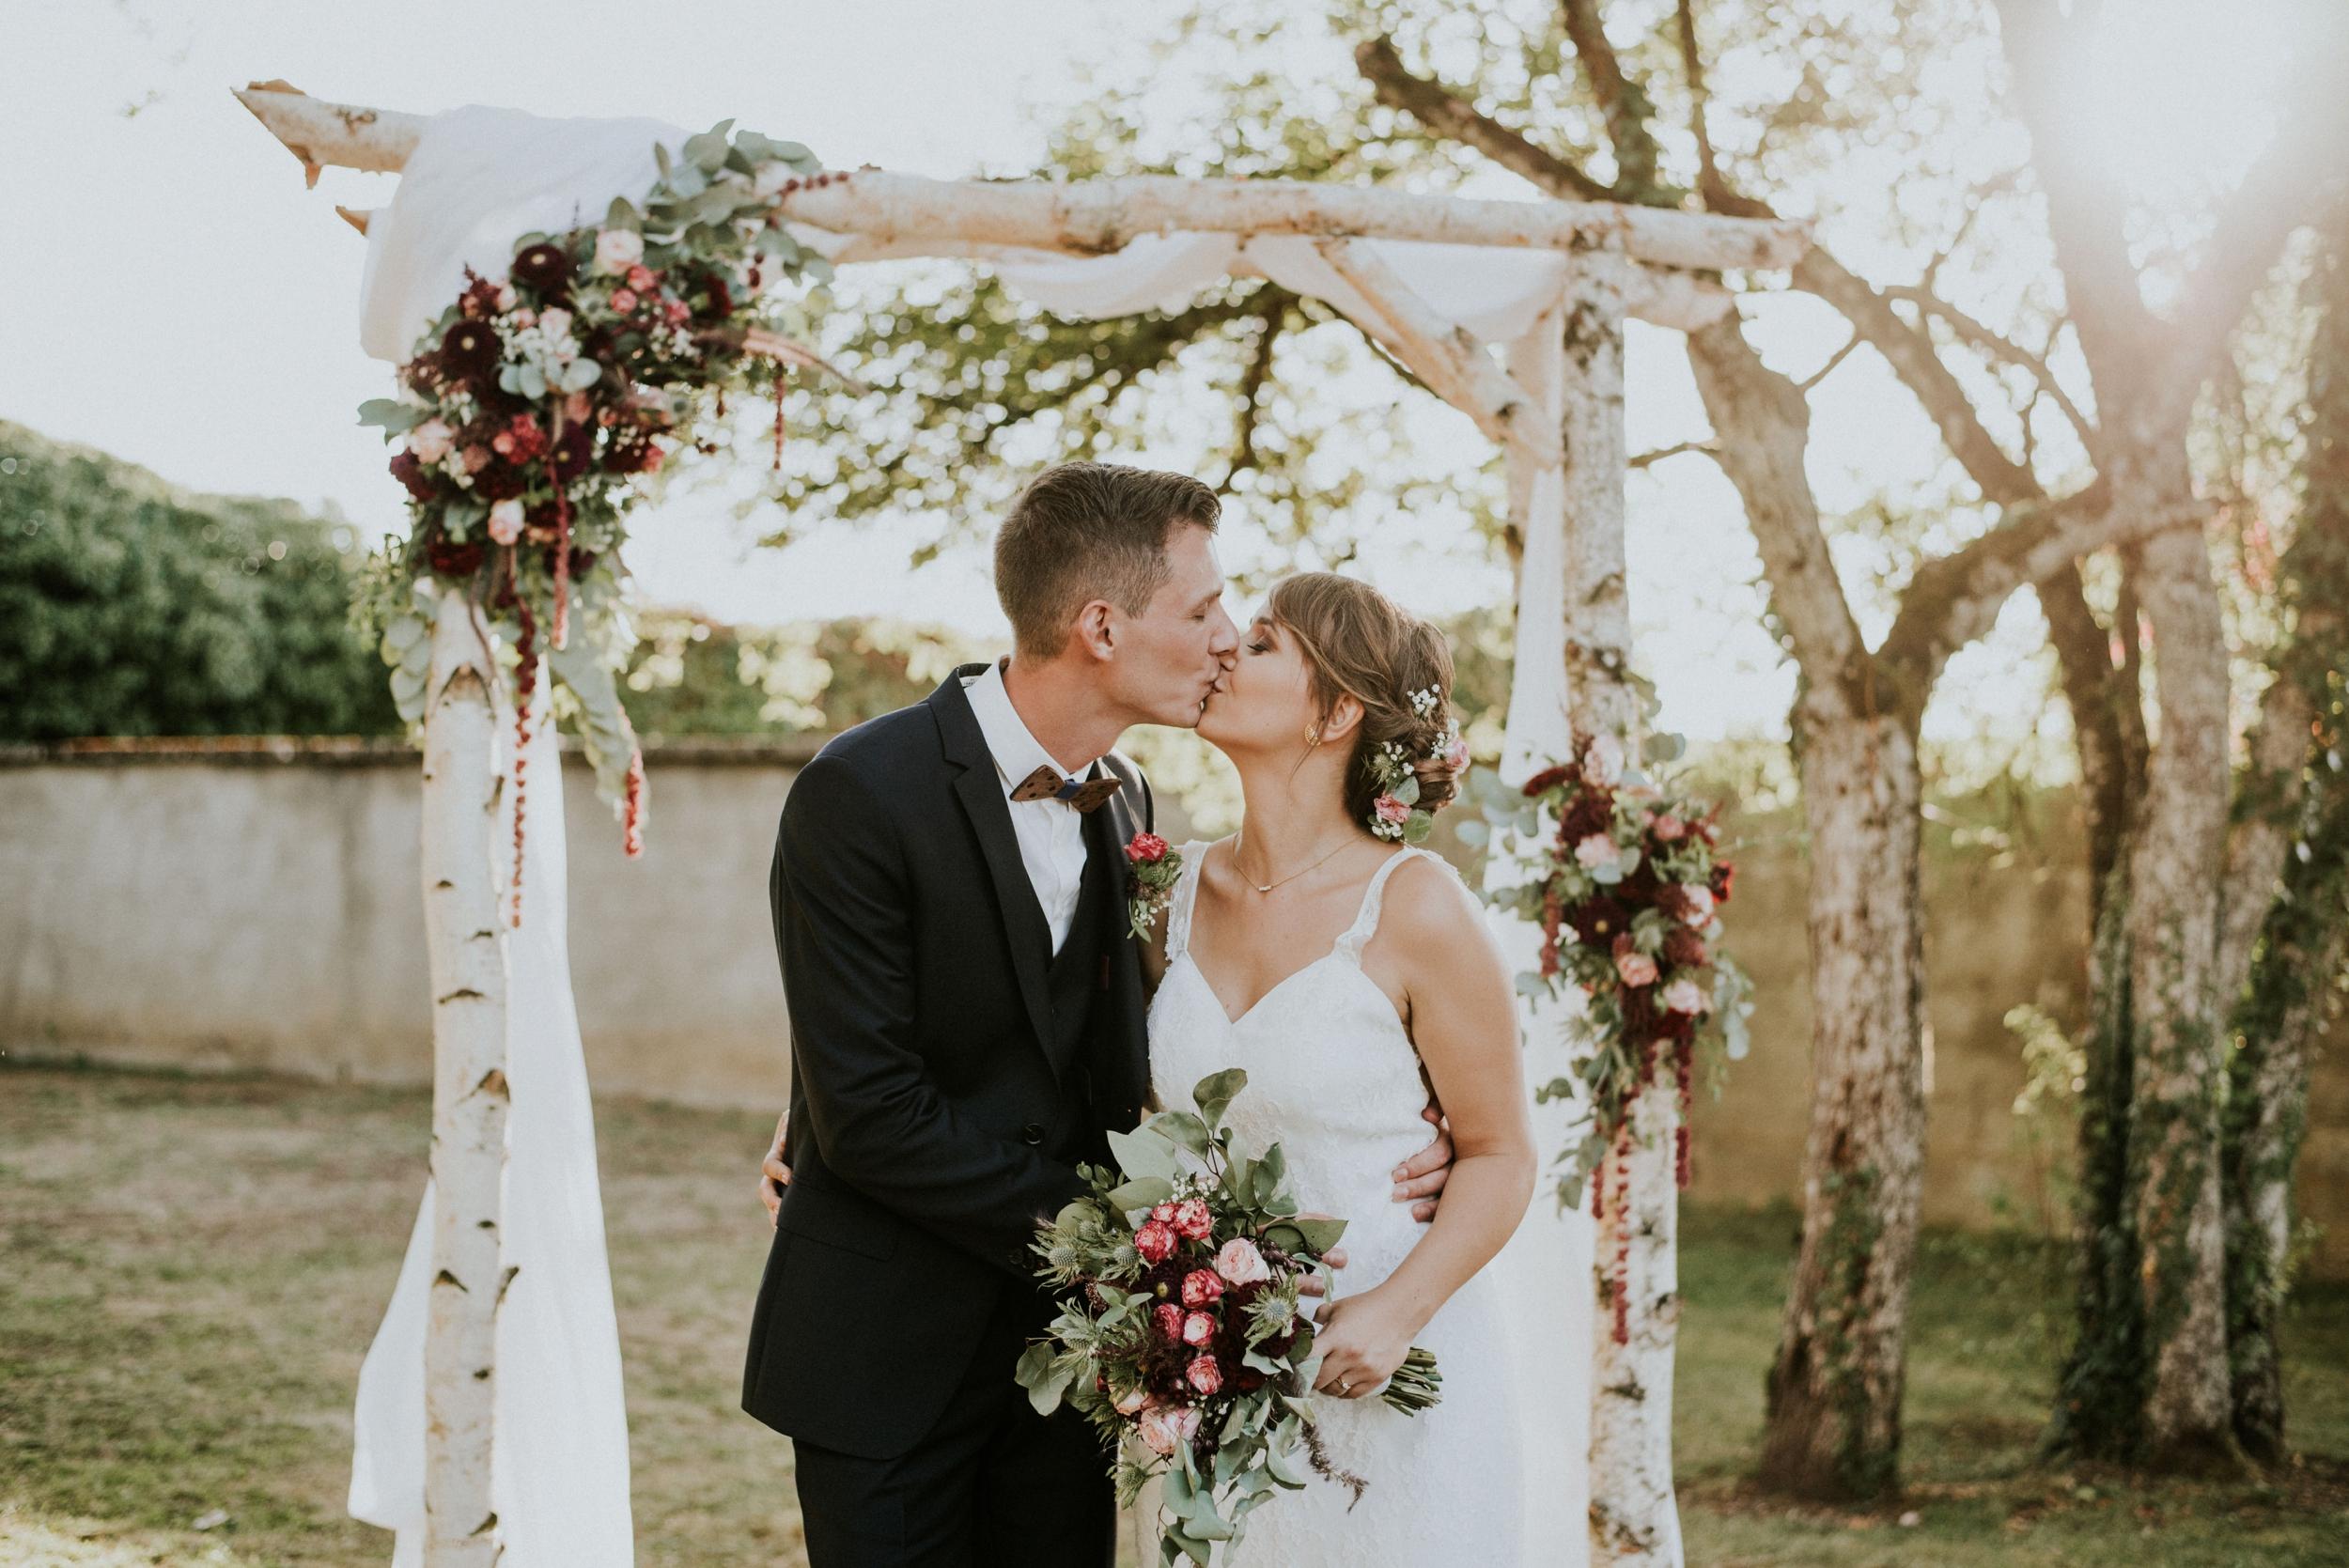 photographe mariage rhone alpes grenoble lyon annecy geneve montagne ceremonie laique_0024